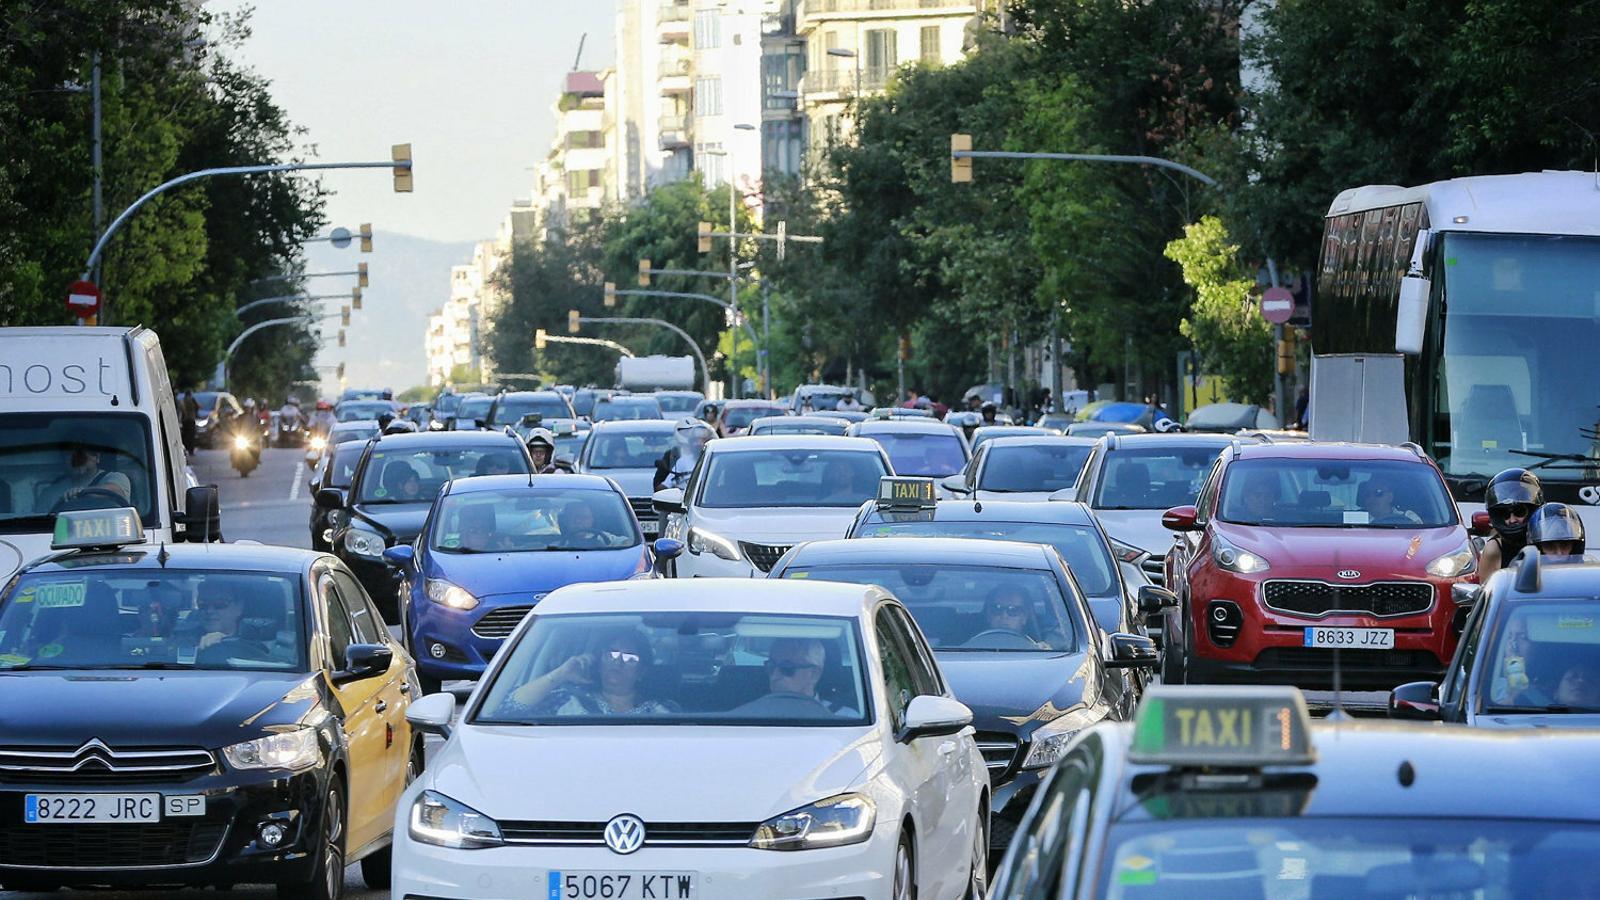 L'estudi ambiental de la zona de baixes emissions diu que serà insuficient